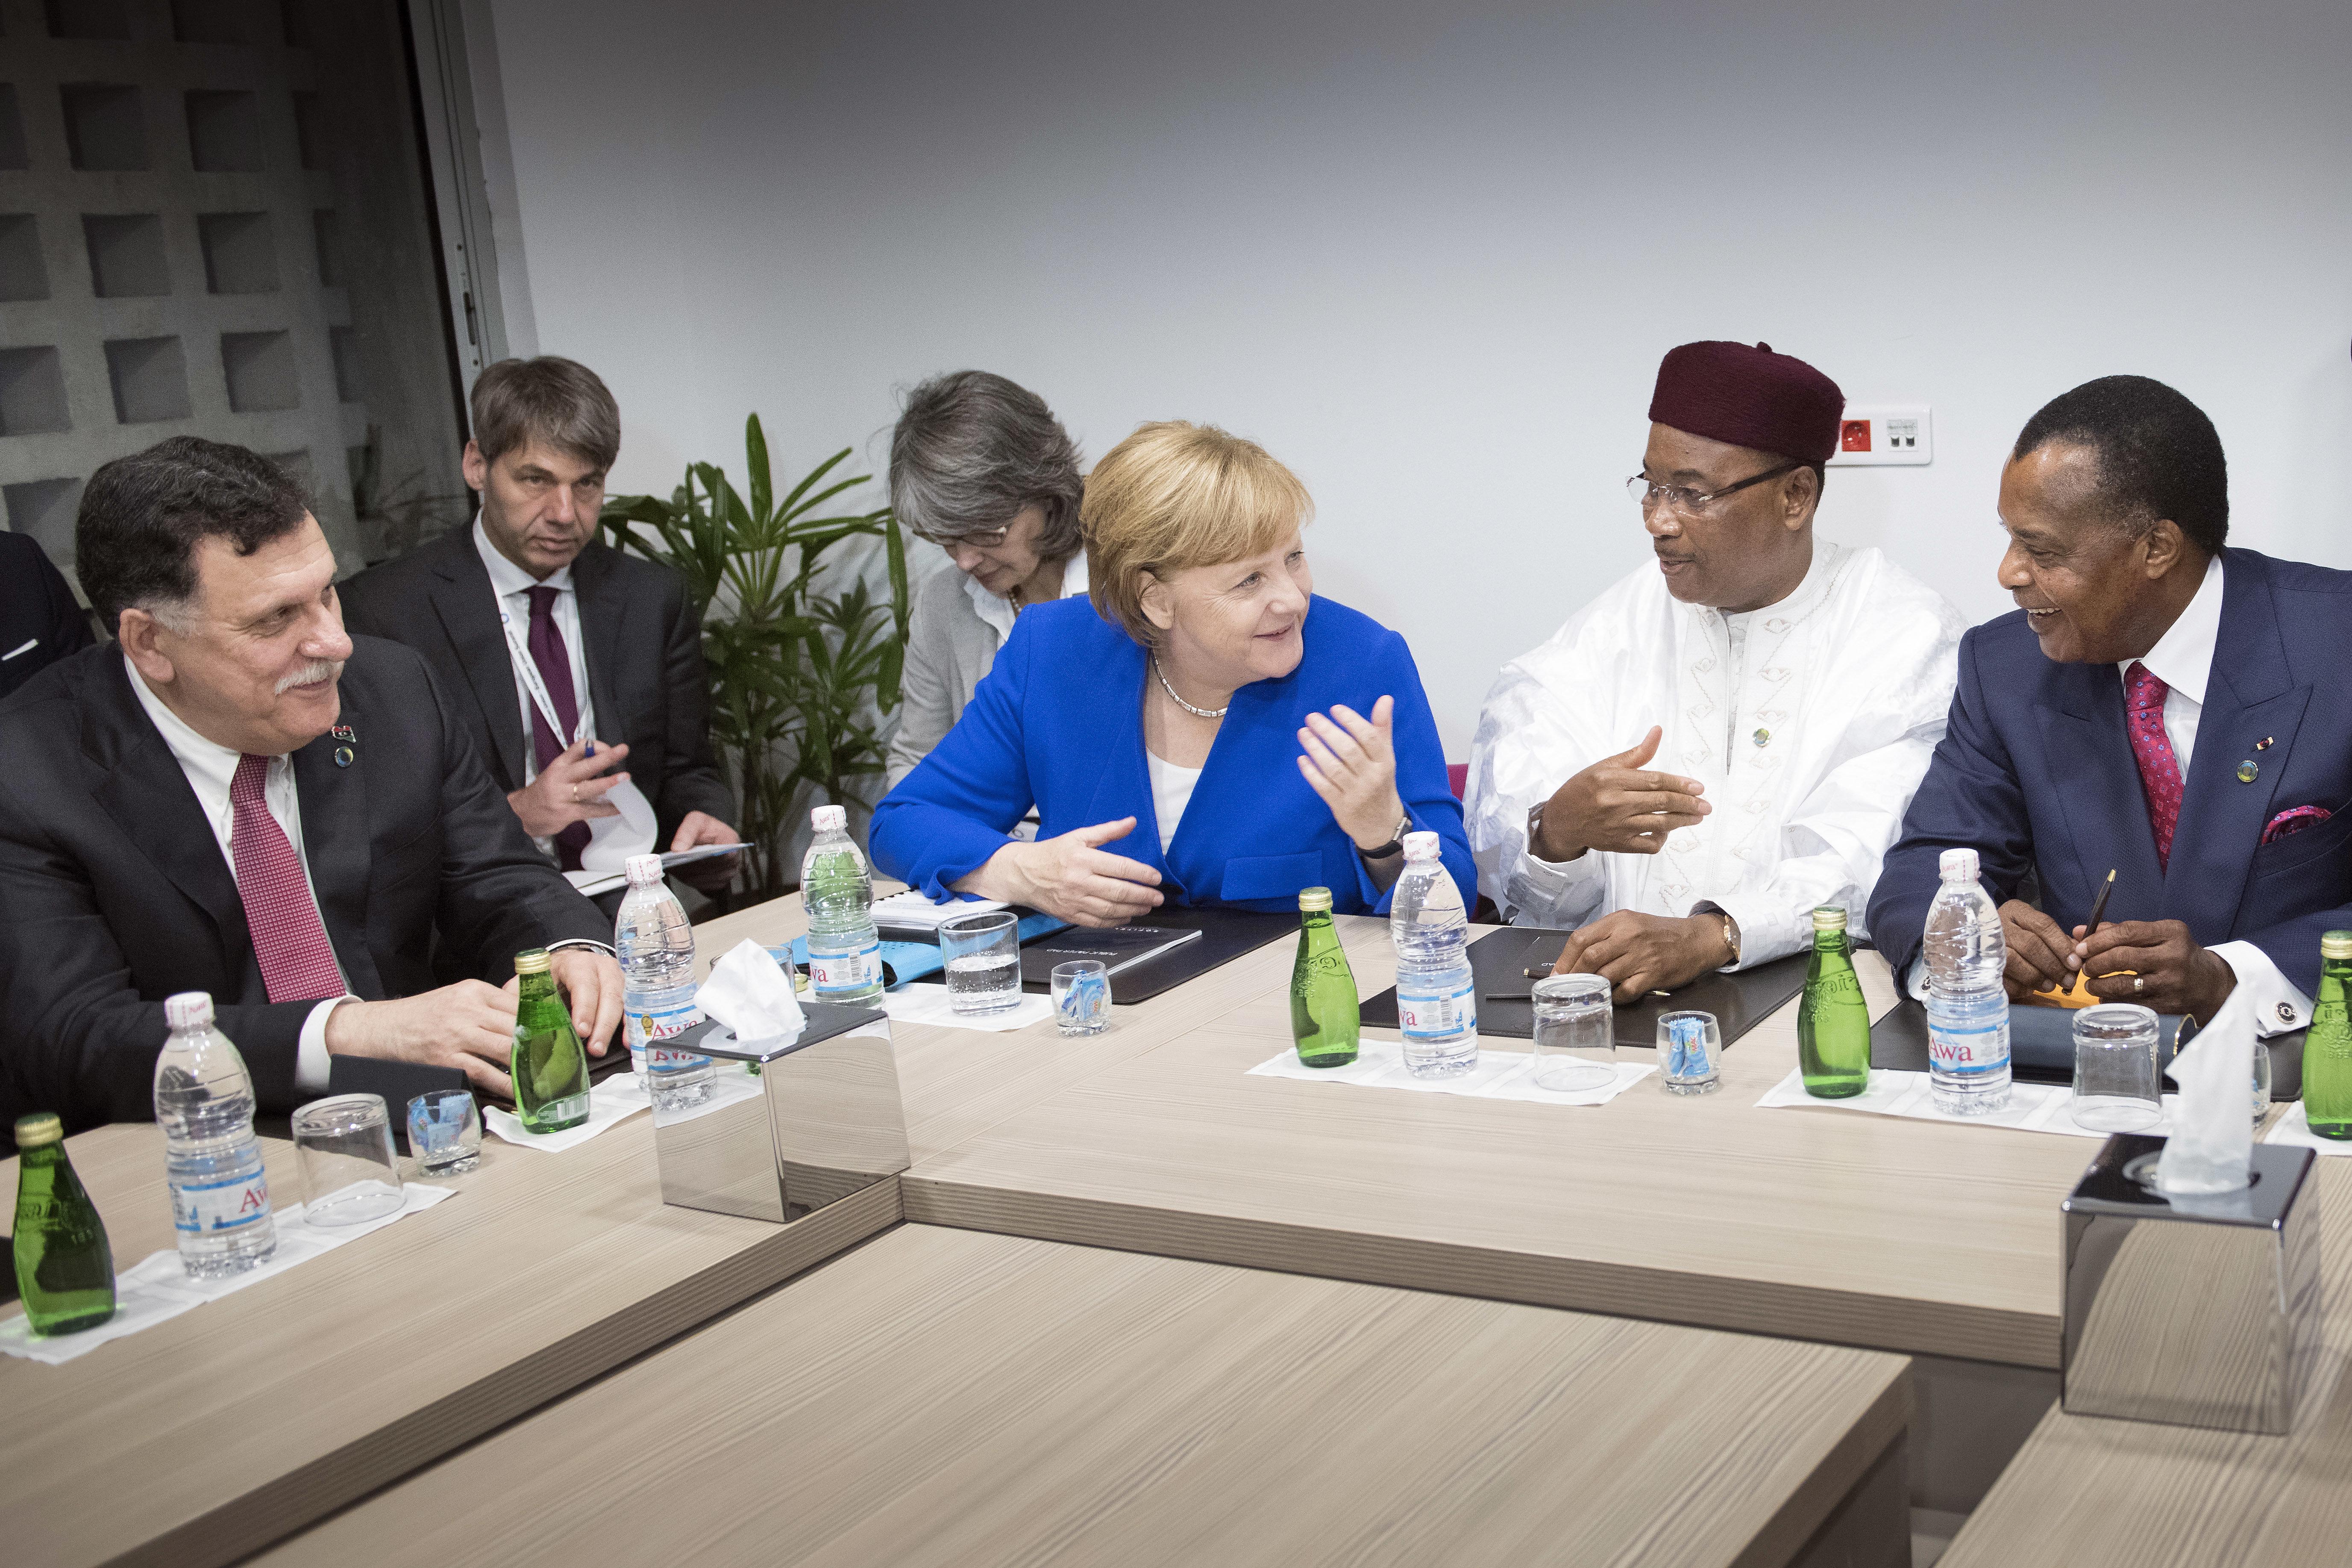 Um die Flüchtlingszahlen zu senken, unterstützt die EU immer häufiger dubiose Staatschefs in